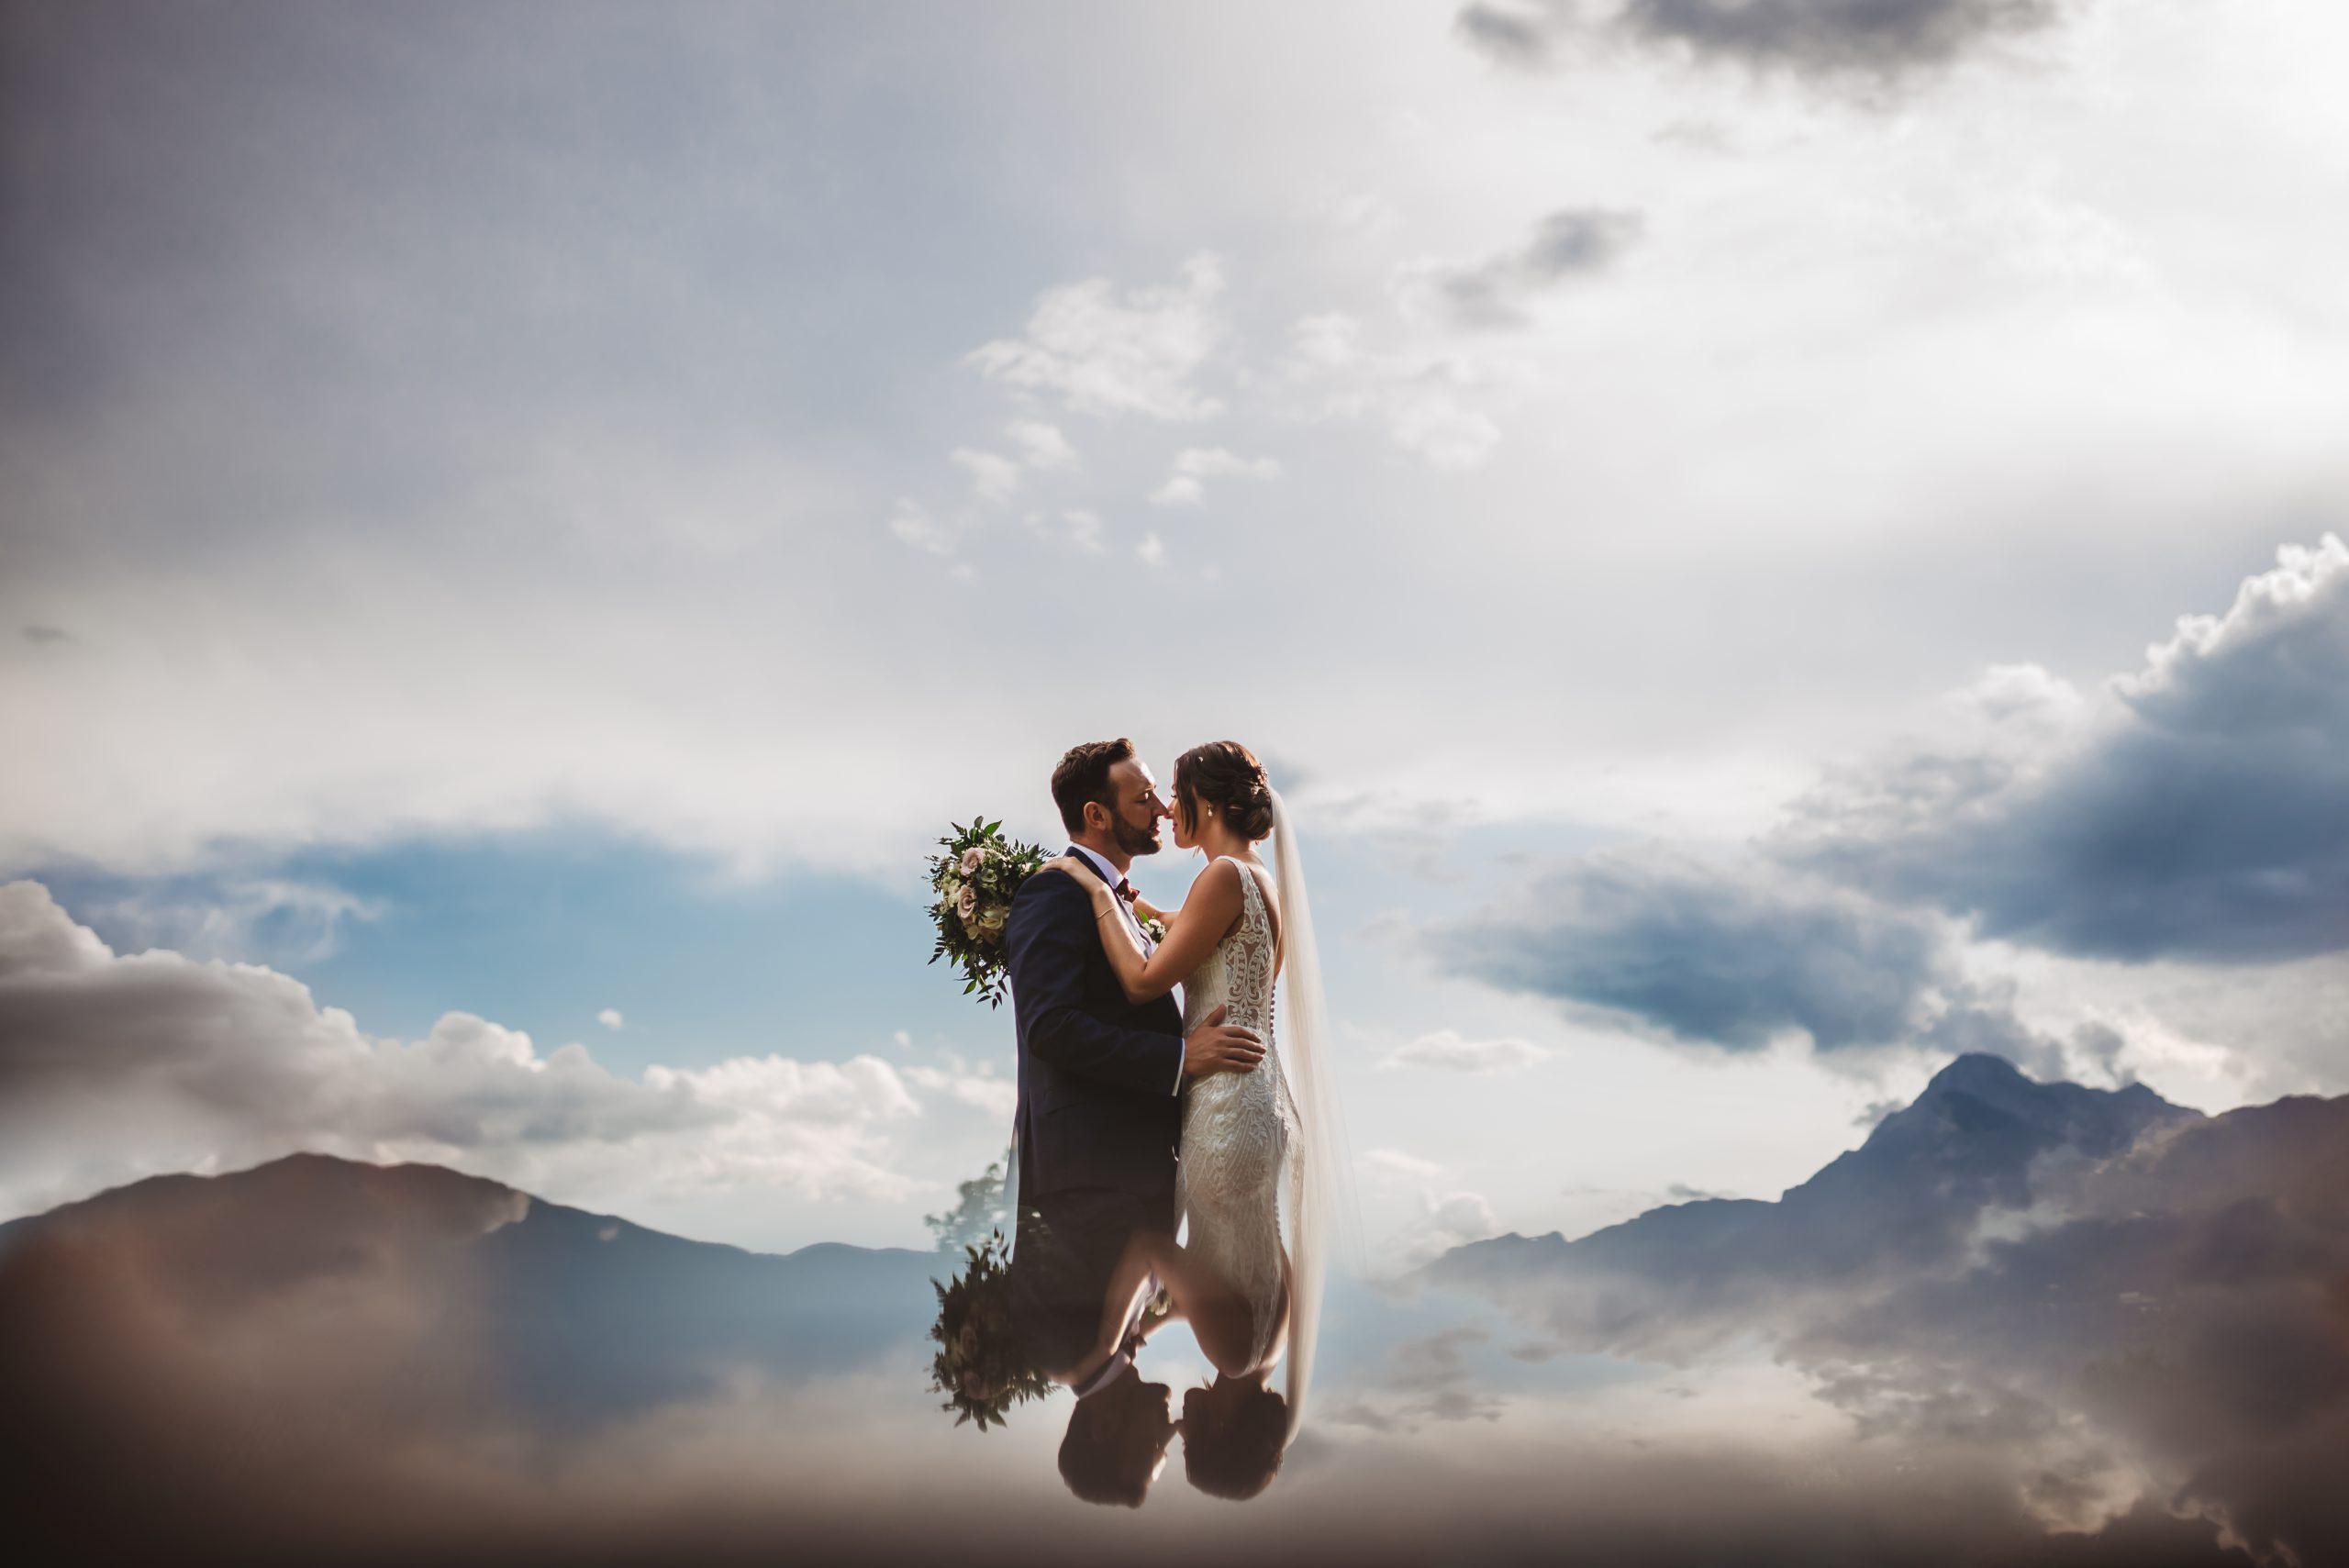 Wedding Photographer Siena Florence Tuscany